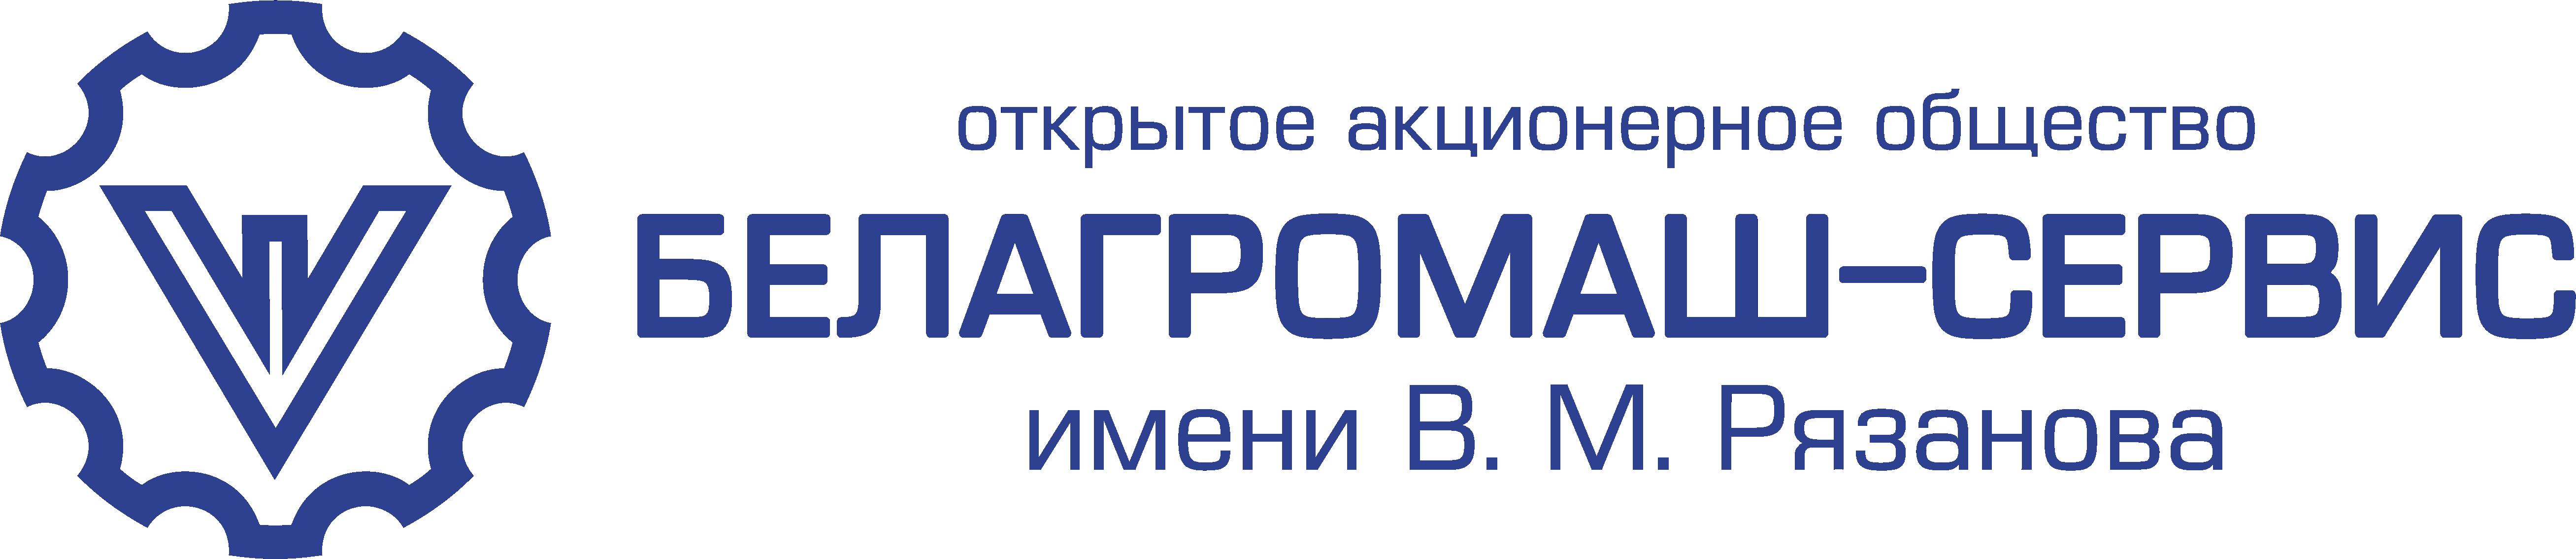 Белагромаш-Сервис имени В.М. Рязанова